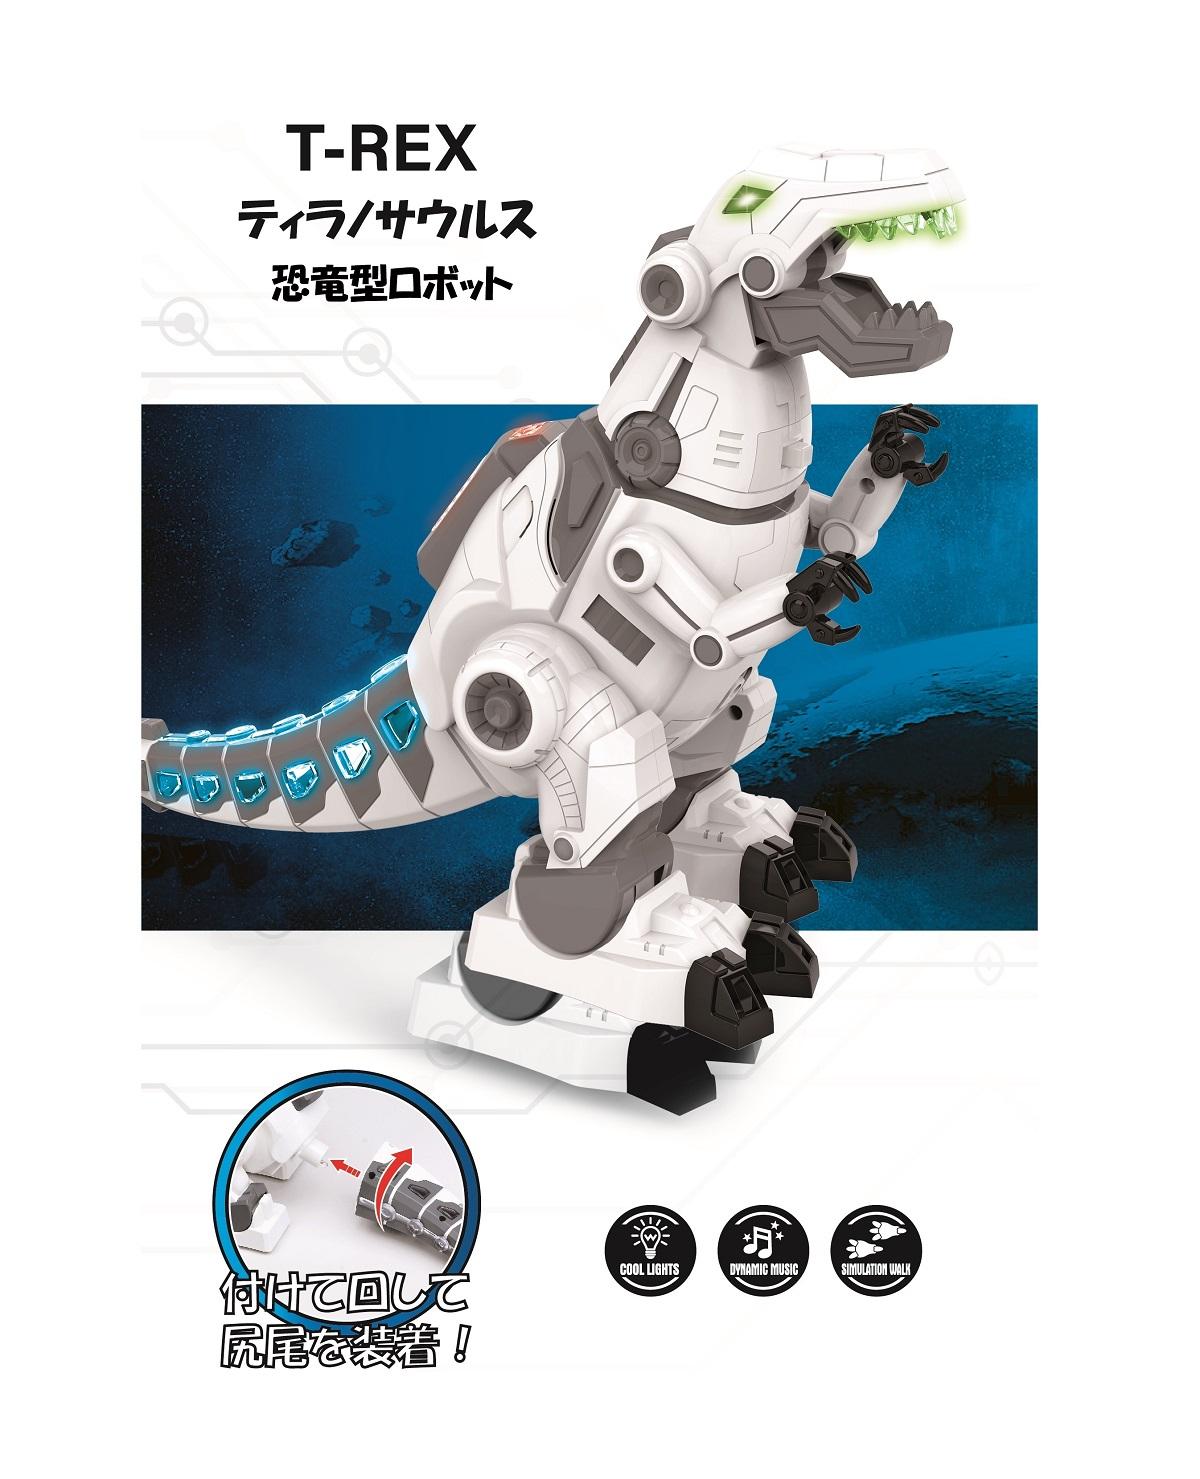 恐竜型ロボットT-REX(ティーレックス)誕生日、子供の日、クリスマス、夏休み、冬休み、休日などに最適なギフト。プレゼントにお孫さんは喜びます。ご家族やお子様への贈り物として最高。